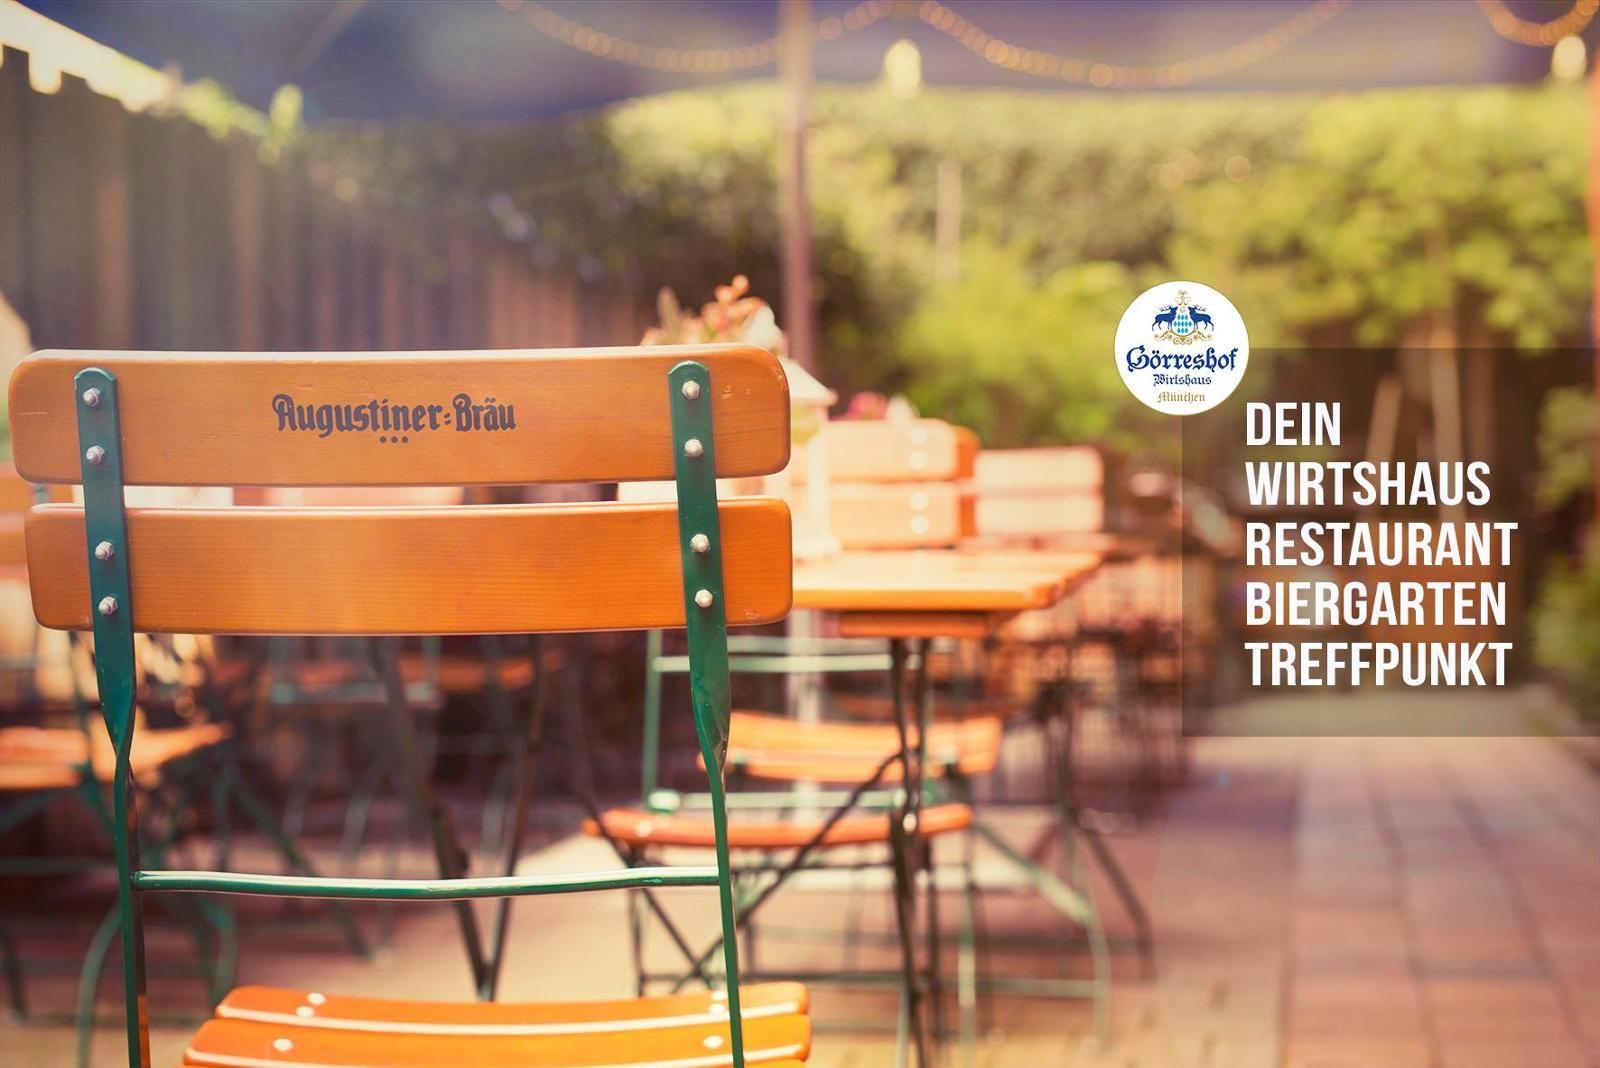 Die Sonne scheint, hurraaaaa.    Goerreshof - Dein bayerisches Restaurant in Muenchen   www.goerreshof.de #Goerreshof #bayerisches #Wirtshaus #Restaurant #Biergarten #Muenchen #Maxvorstadt #Schwabing #Augustiner #bayrisch #guad #Traditionshaus #bavarian #placetobe